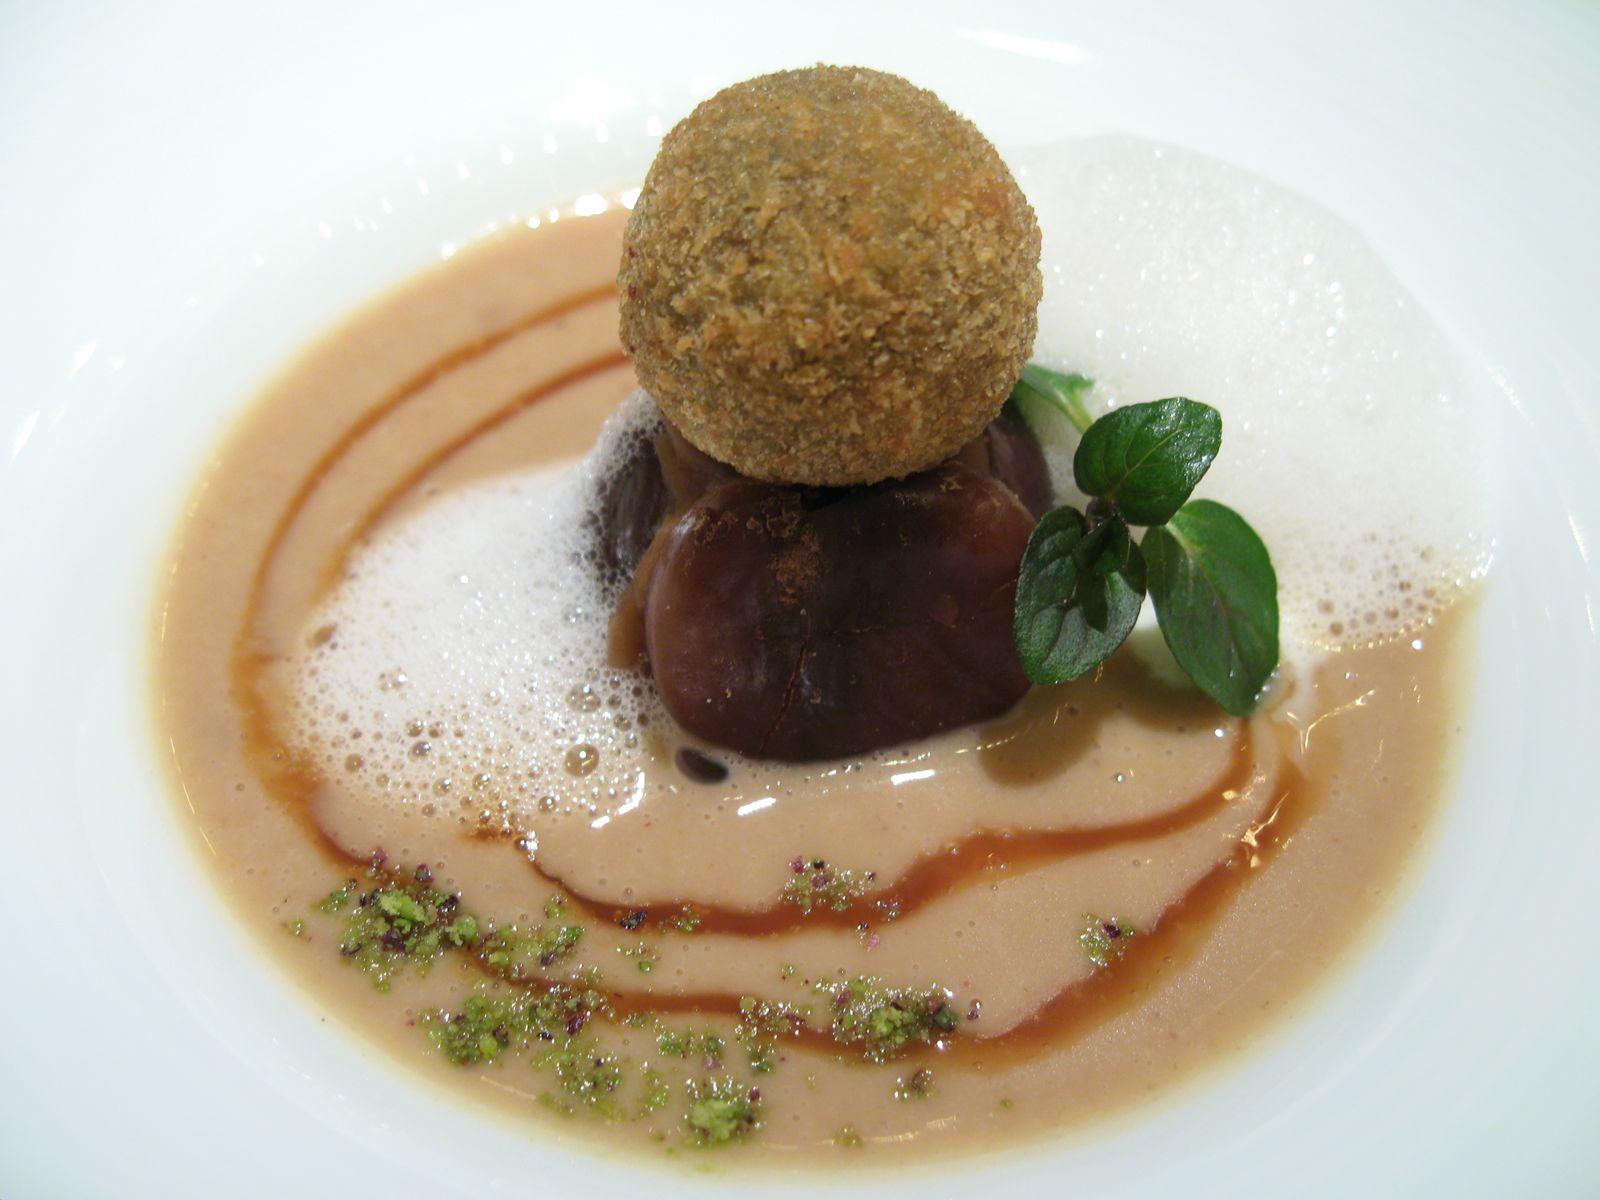 La Châtaigne en soupe parfumée au rhum brun avec des billes de chocolat fondant et une glace au lait